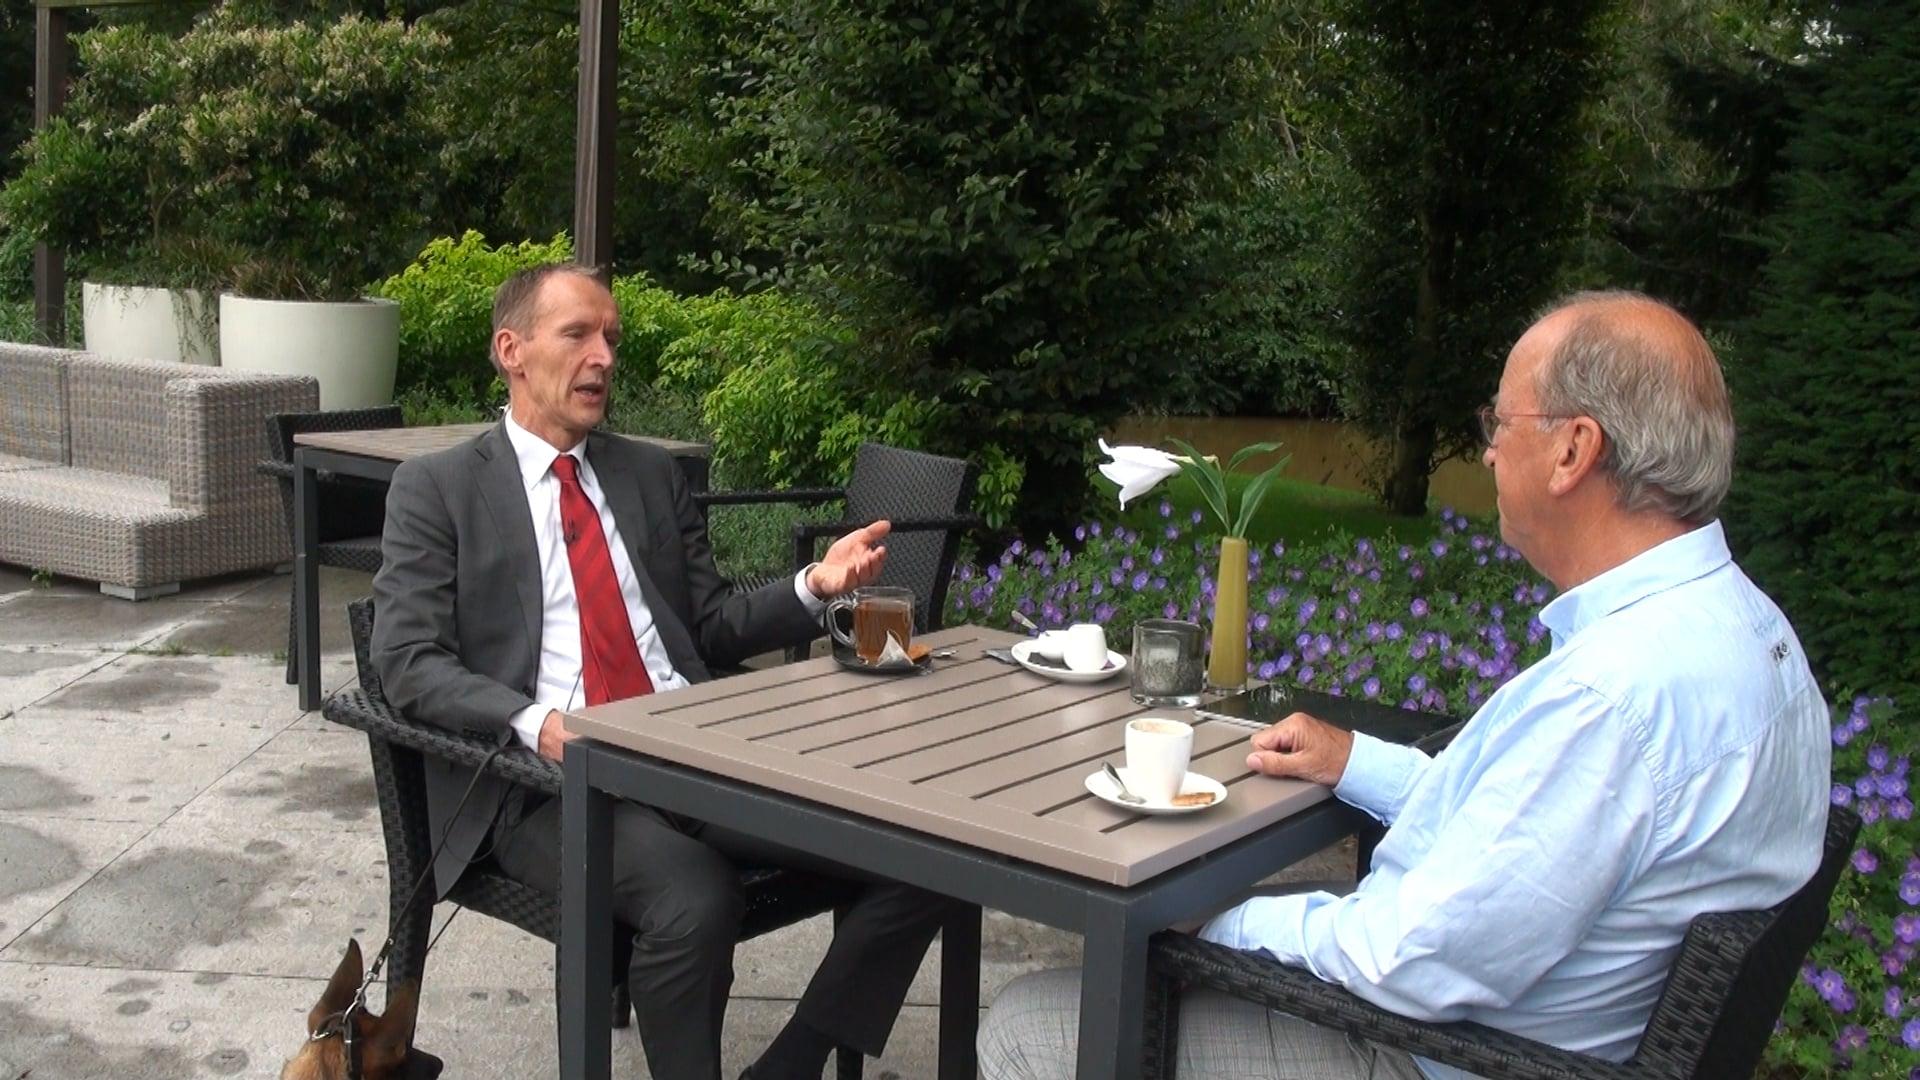 Woensdag op tv interview met waarnemend burgemeester Van Heijningen